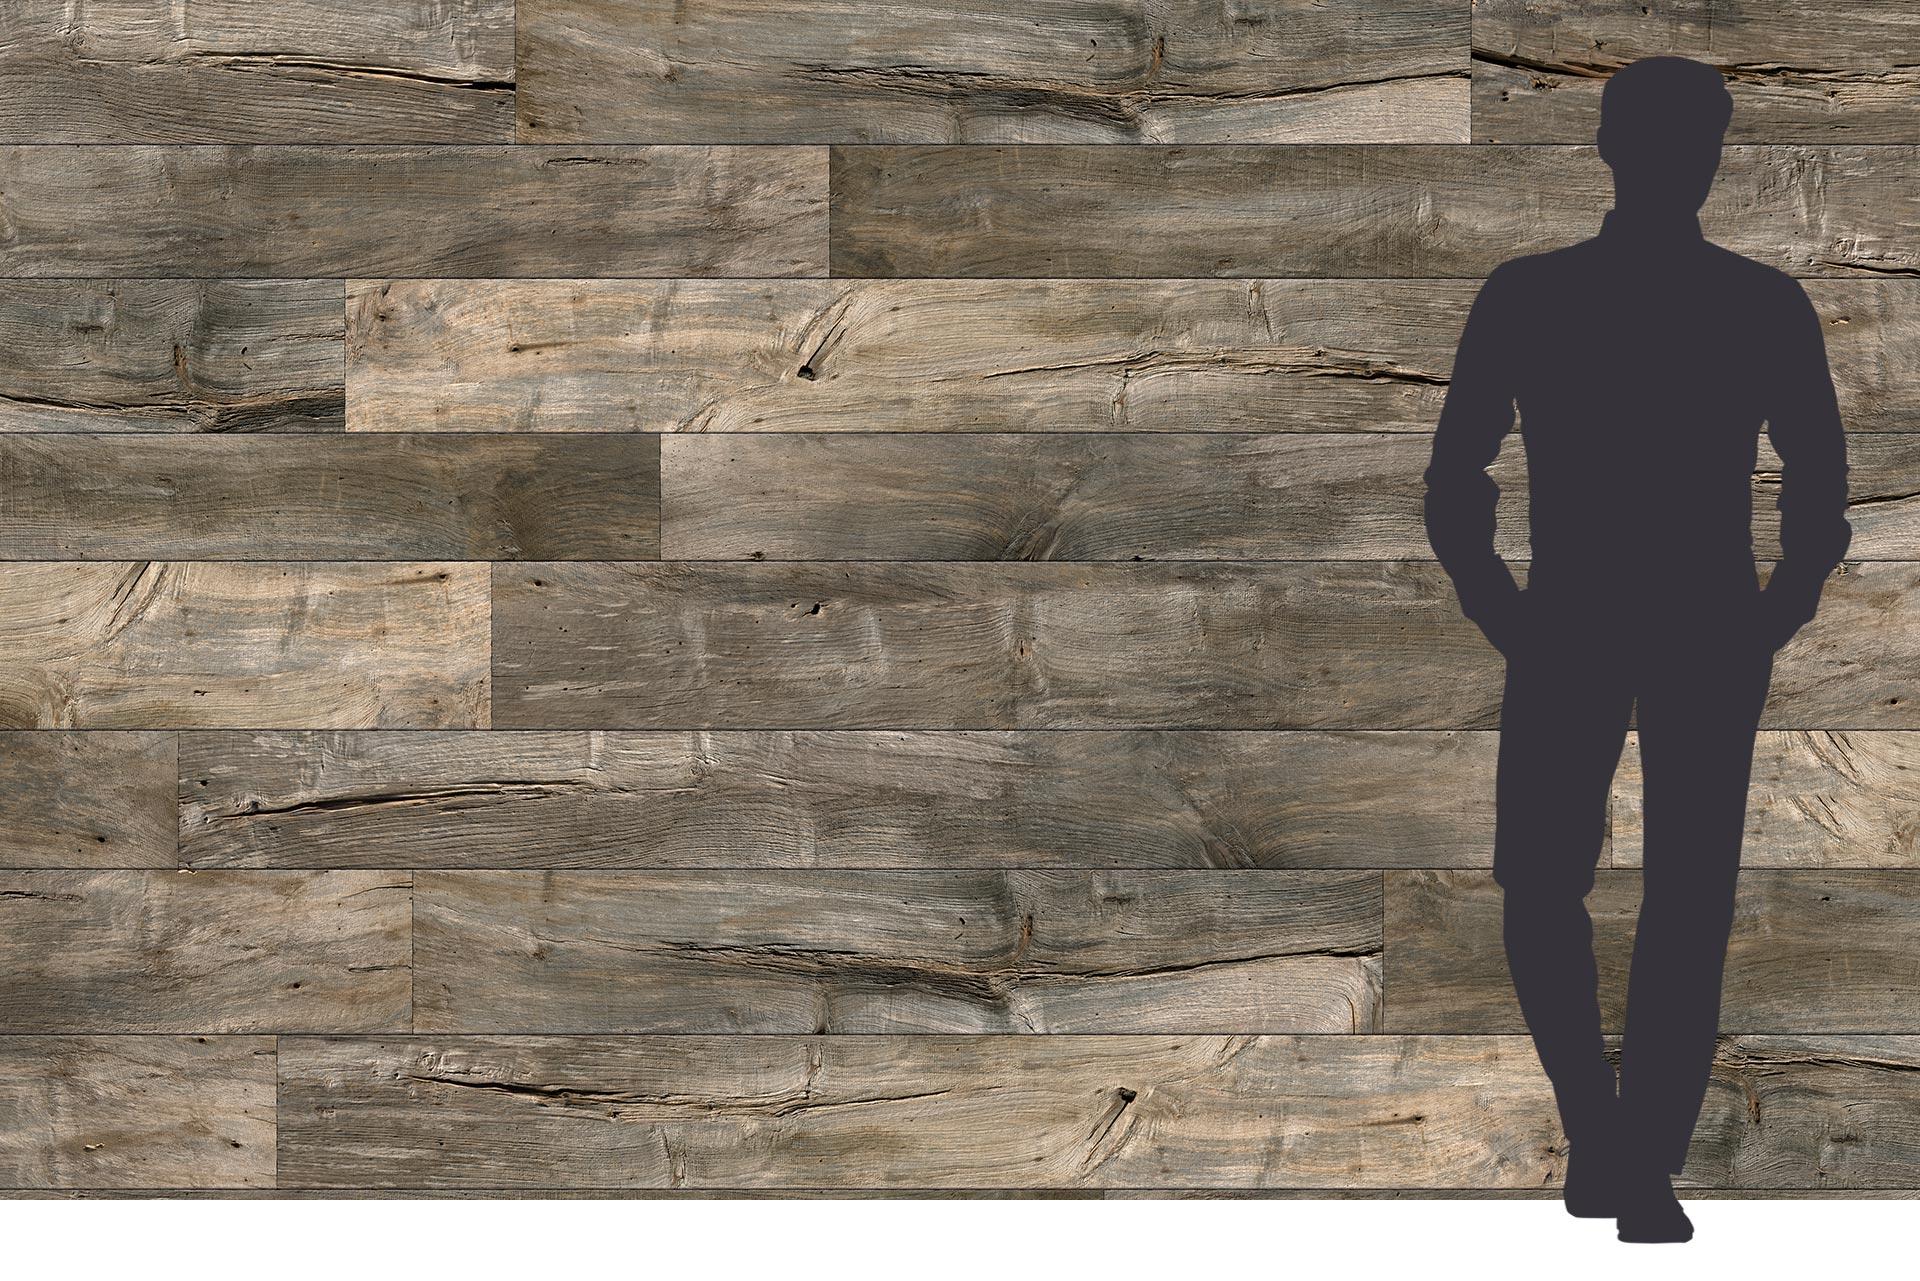 Dreischichtplatte in 5x2 Meter mit Altholzoptik